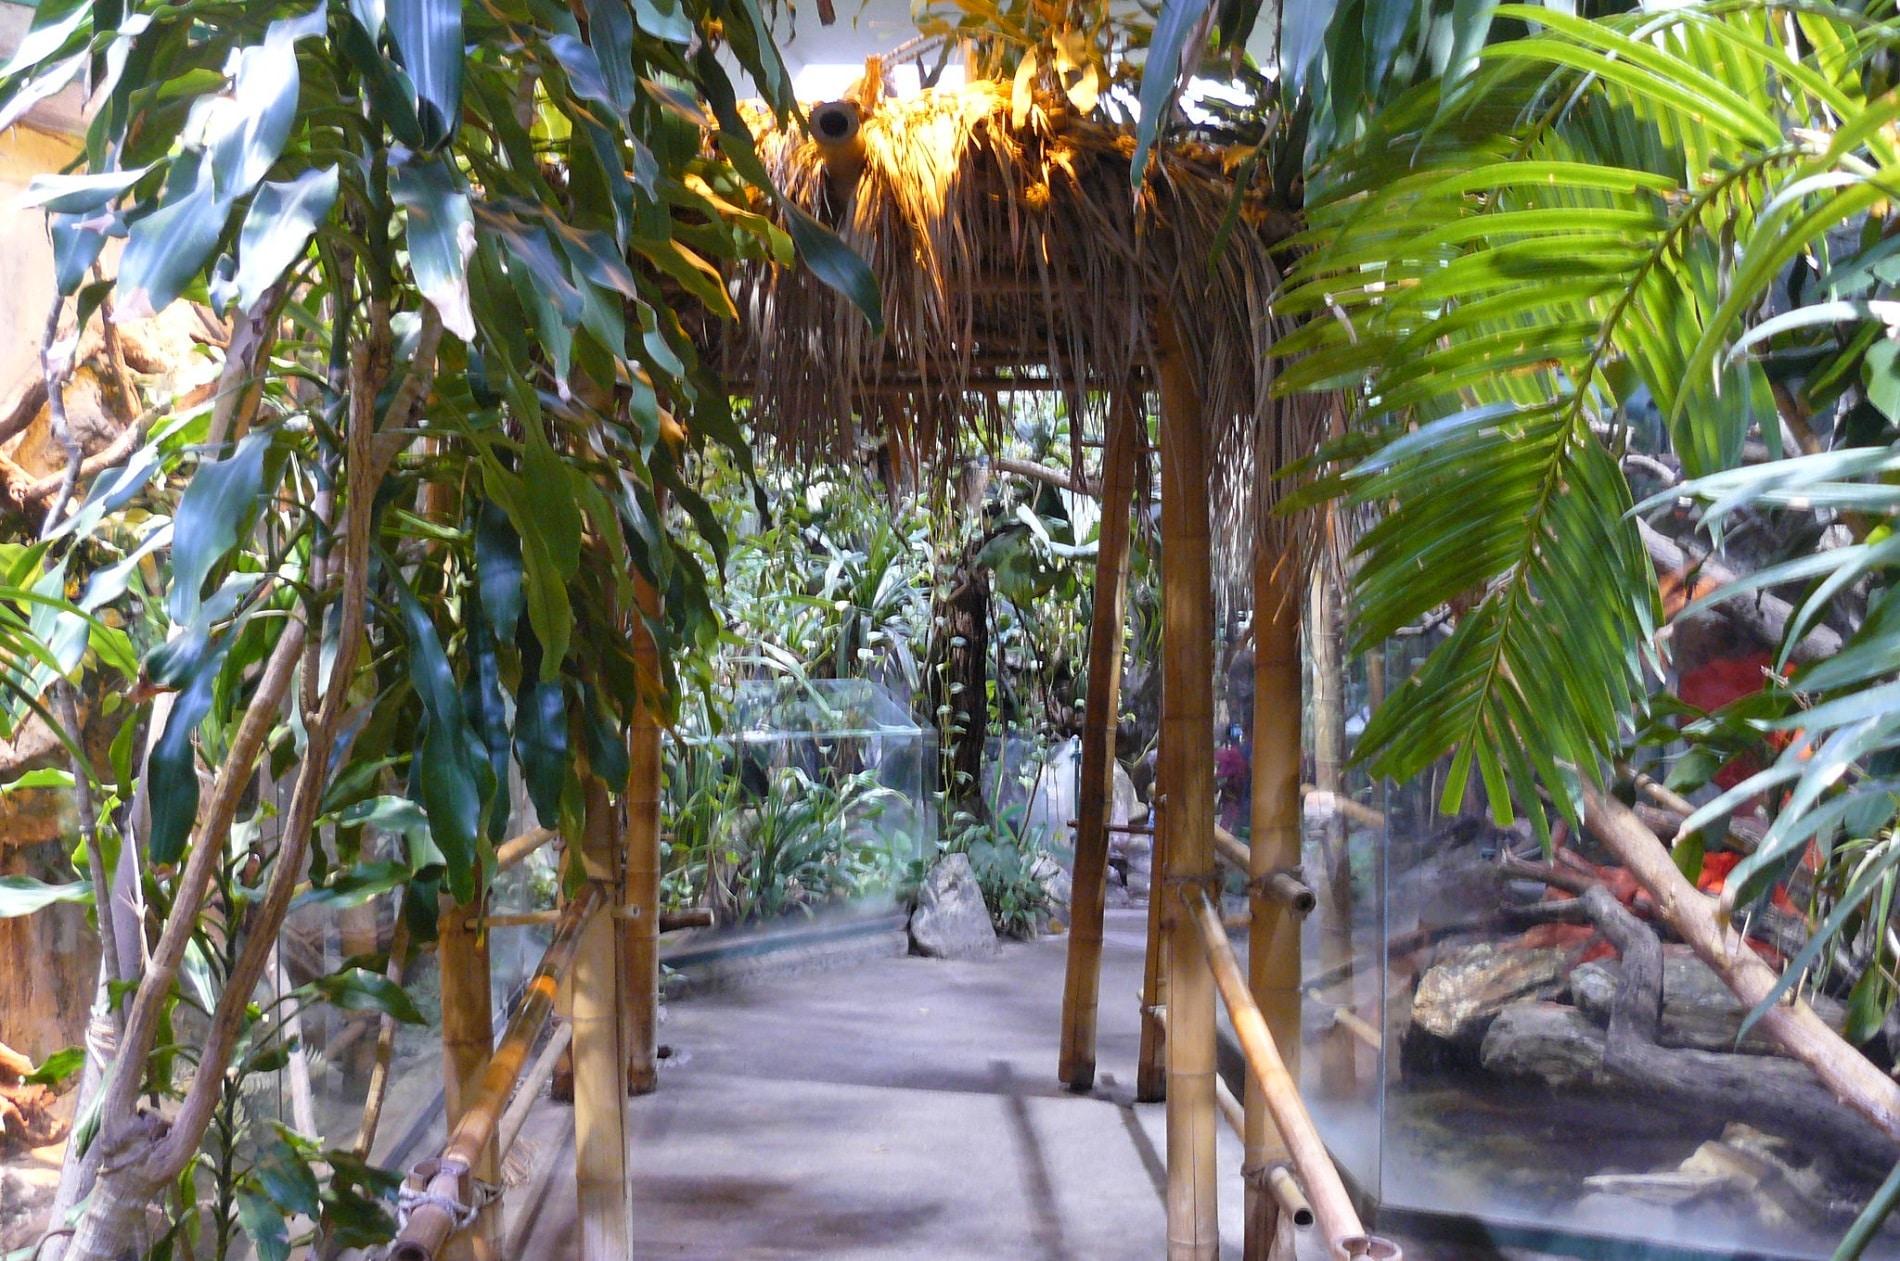 Stare Zoo prima grădină zoo a orașului Poznan